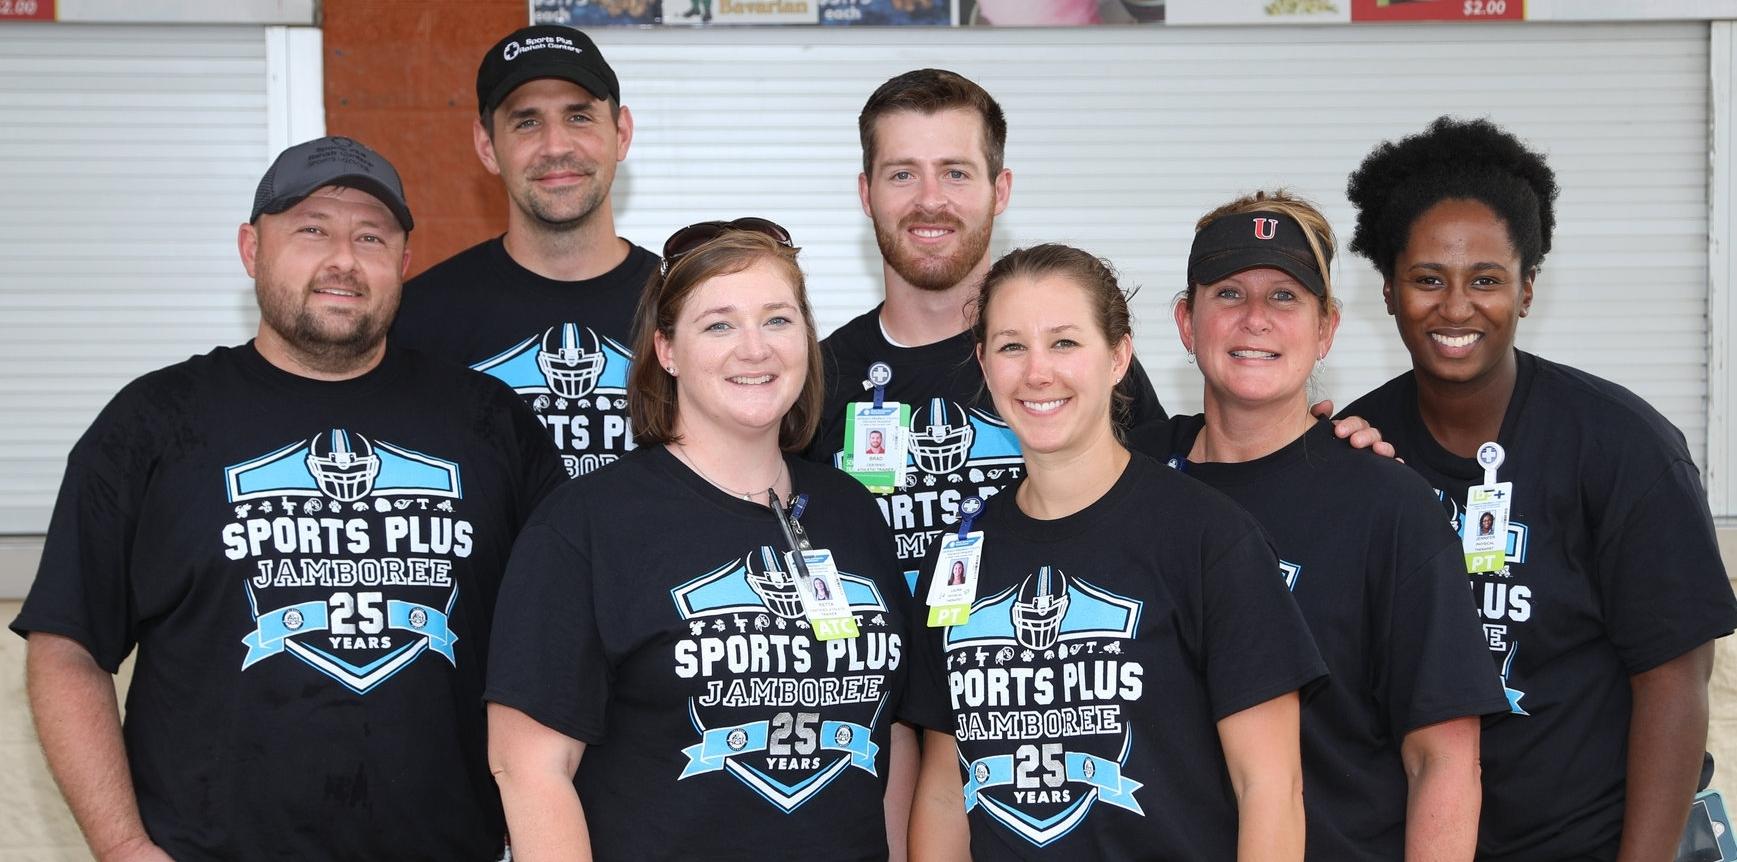 Sports Plus Volunteers